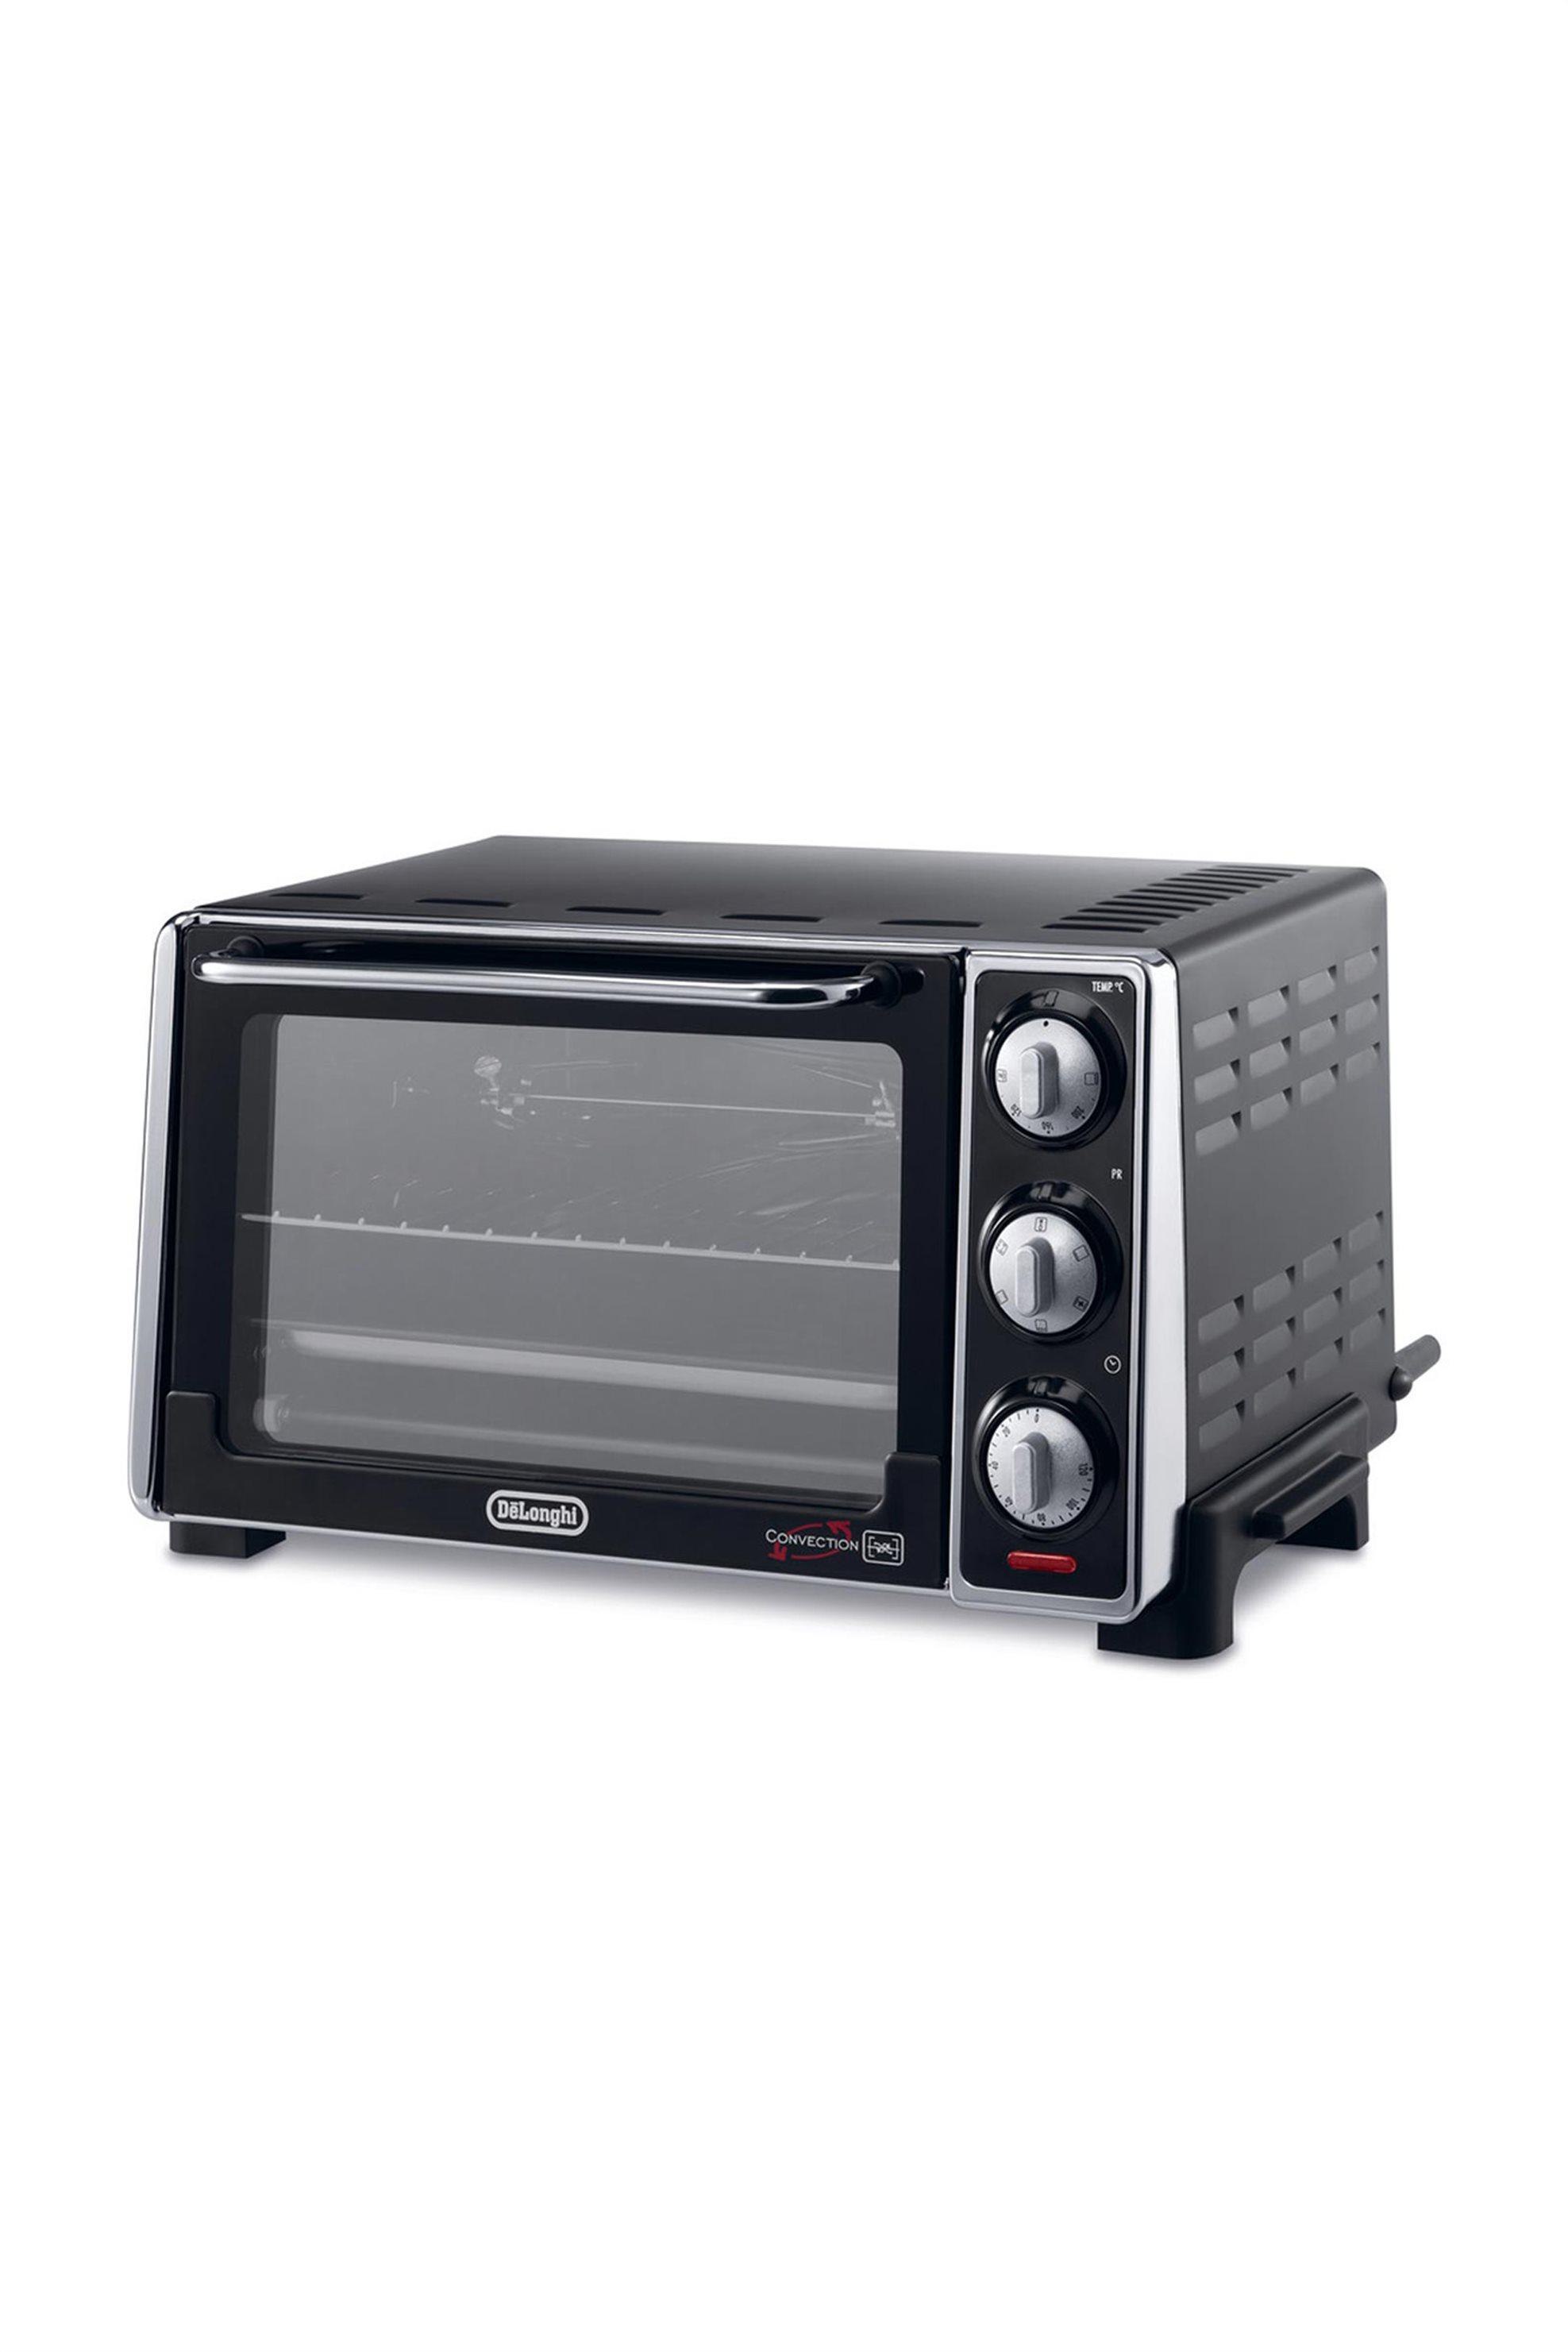 Ηλεκτρικό φουρνάκι 20lt De'Longhi - 0118453509 home   μικρεσ οικιακεσ συσκευεσ   φούρνοι μικροκυμάτων